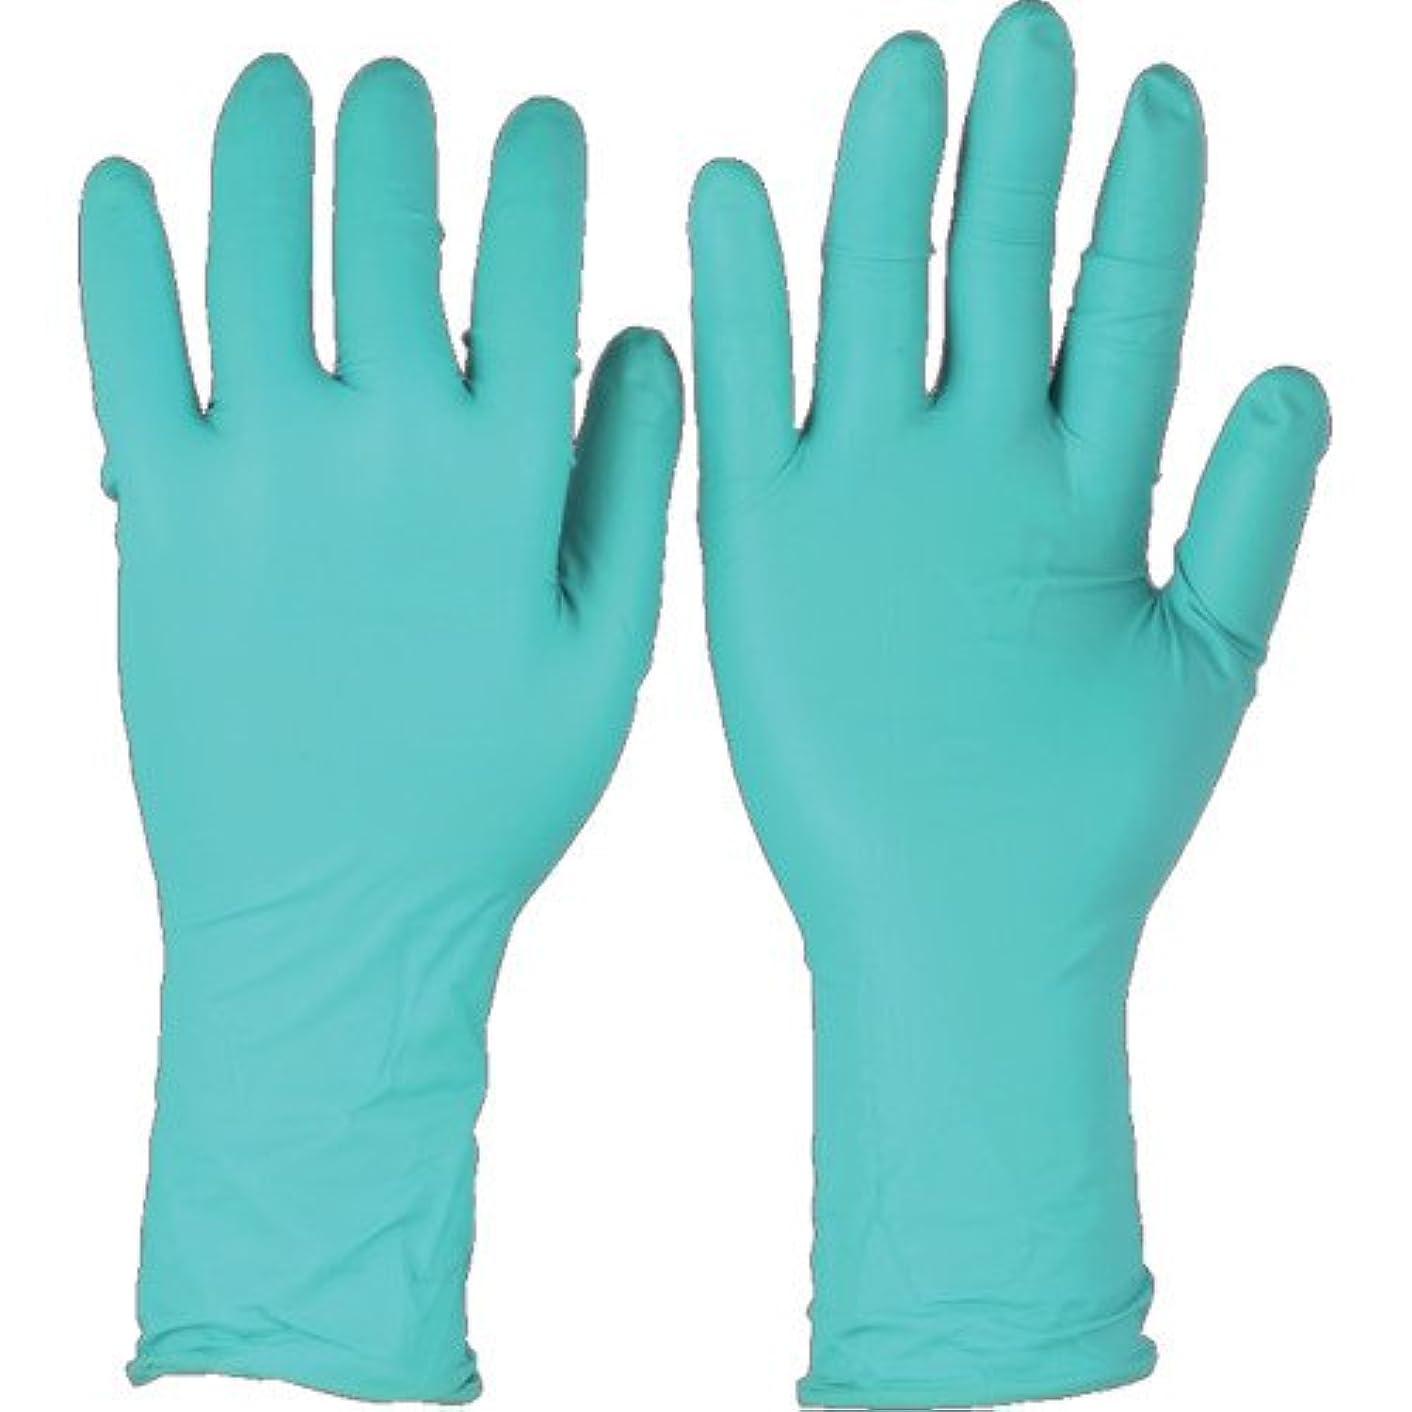 領域ピアノエクスタシートラスコ中山 アンセル ネオプレンゴム使い捨て手袋 マイクロフレックス 93-260 XSサイズ (50枚入)  932606